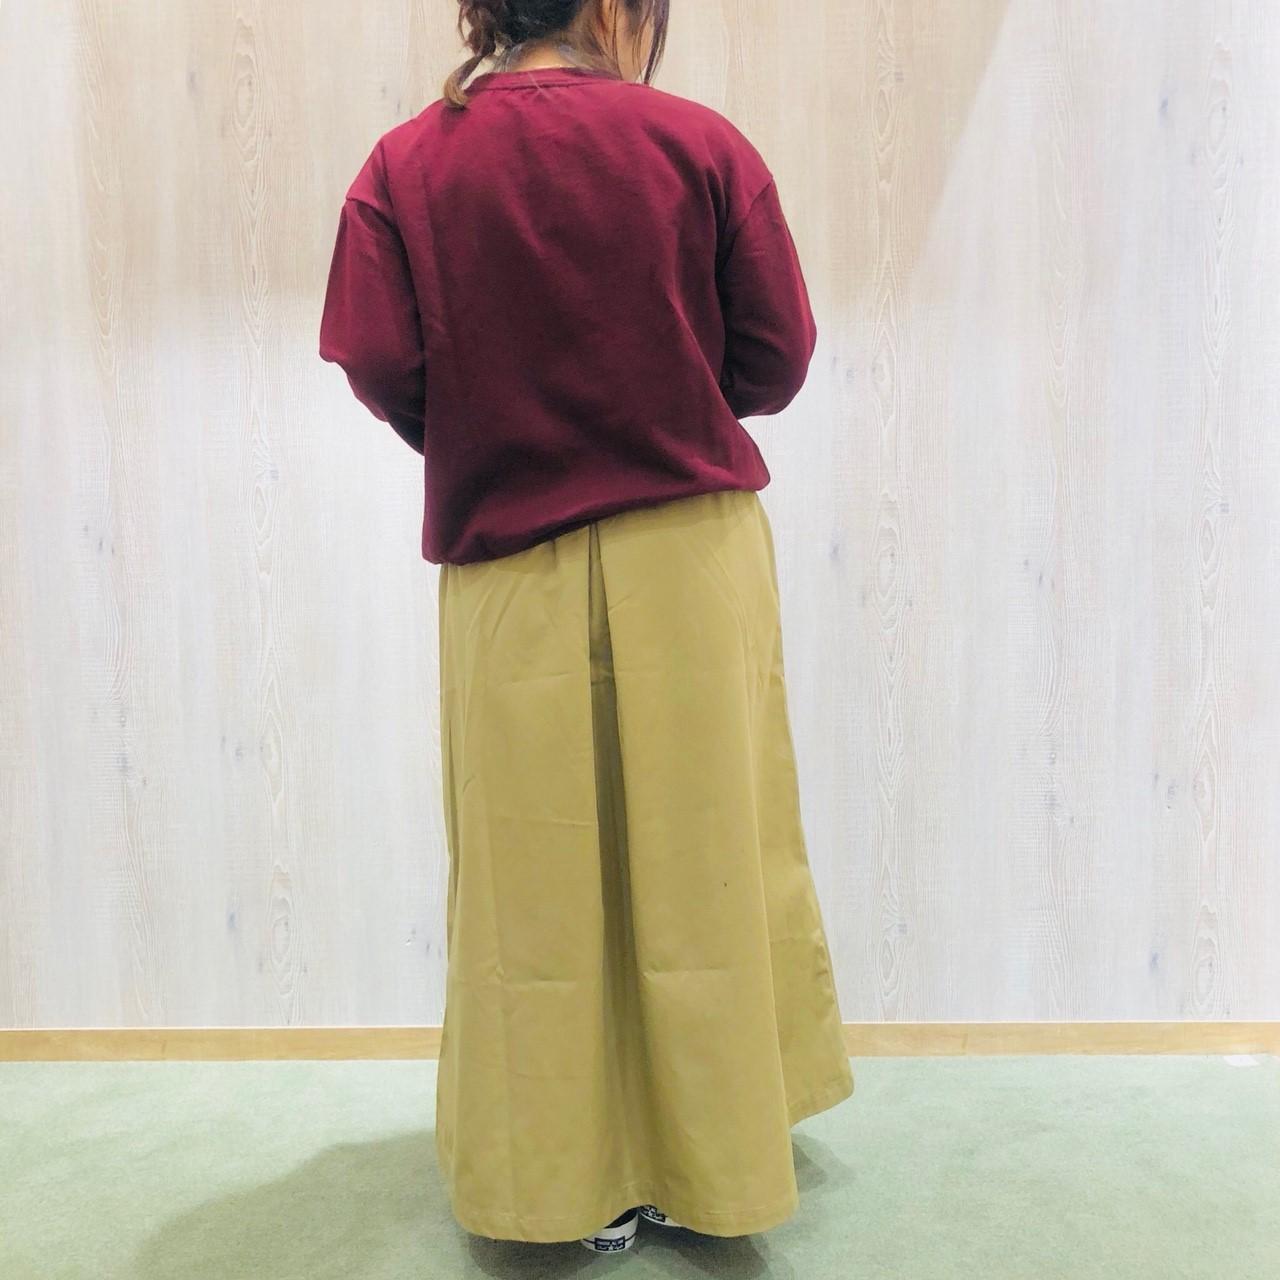 20181030田中ブログ_181030_0005